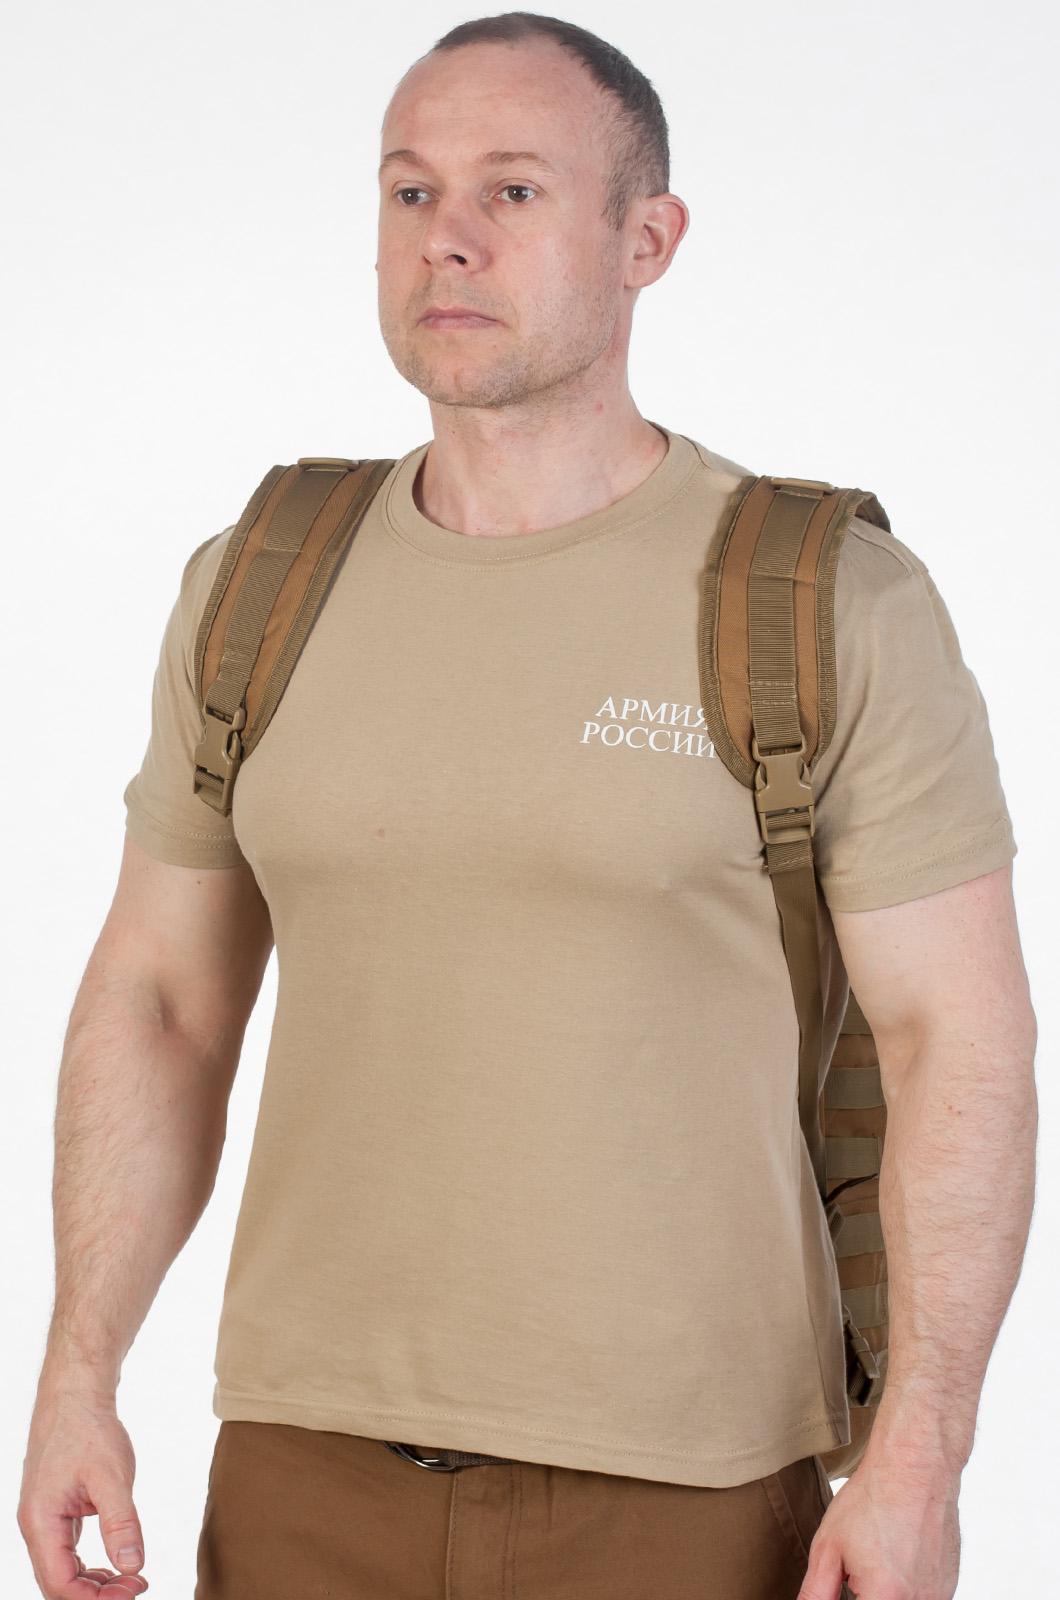 Тактический штурмовой рюкзак с нашивкой ДПС - купить в Военпро